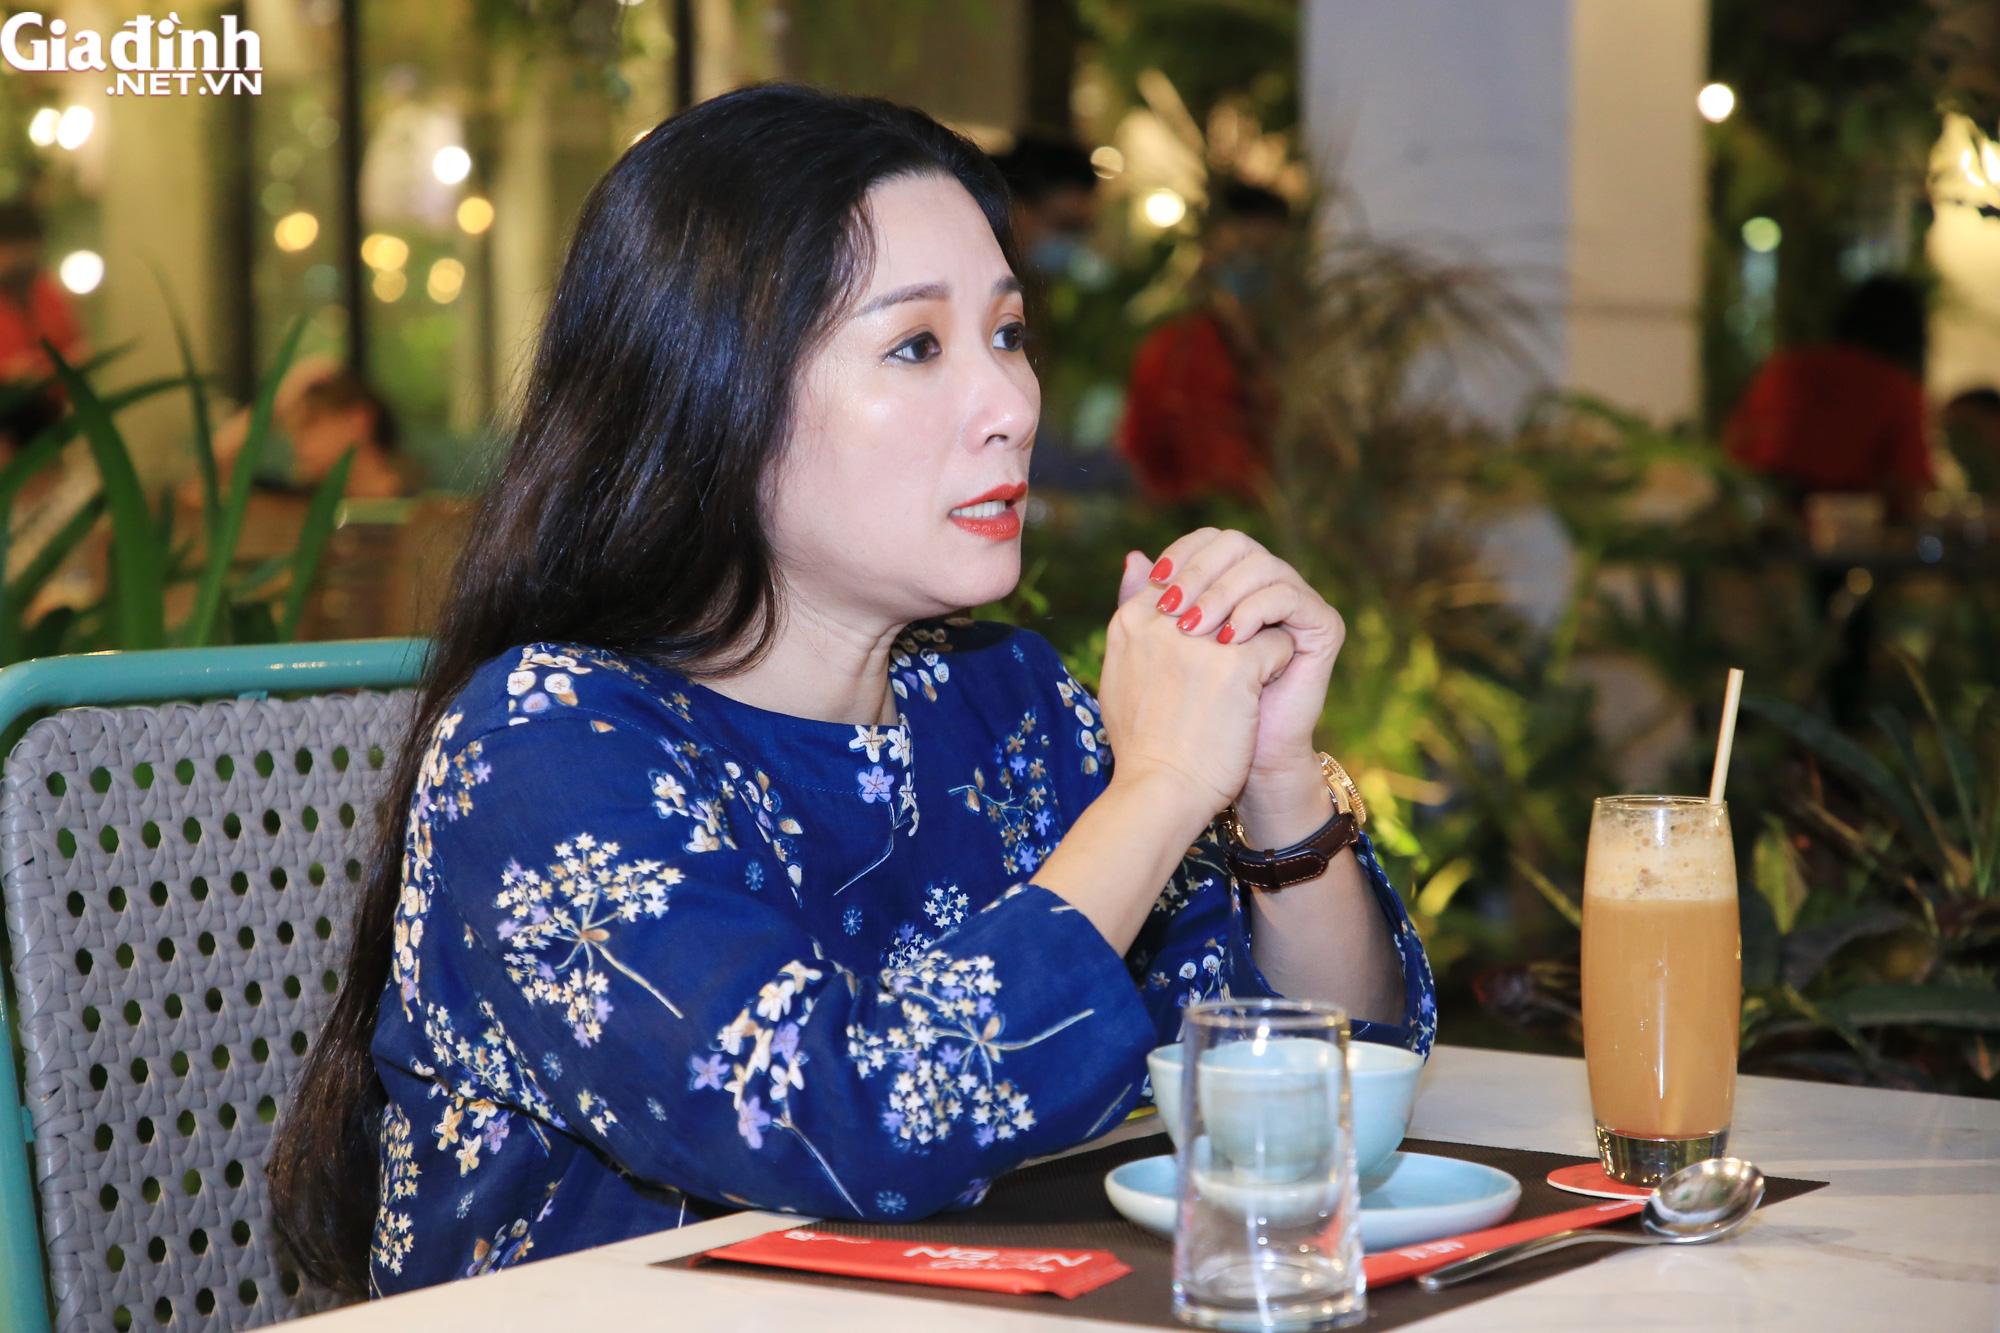 Thanh Thanh Hiền: Tôi không thể thỏa hiệp với sự phản bội của Chế Phong - Ảnh 5.